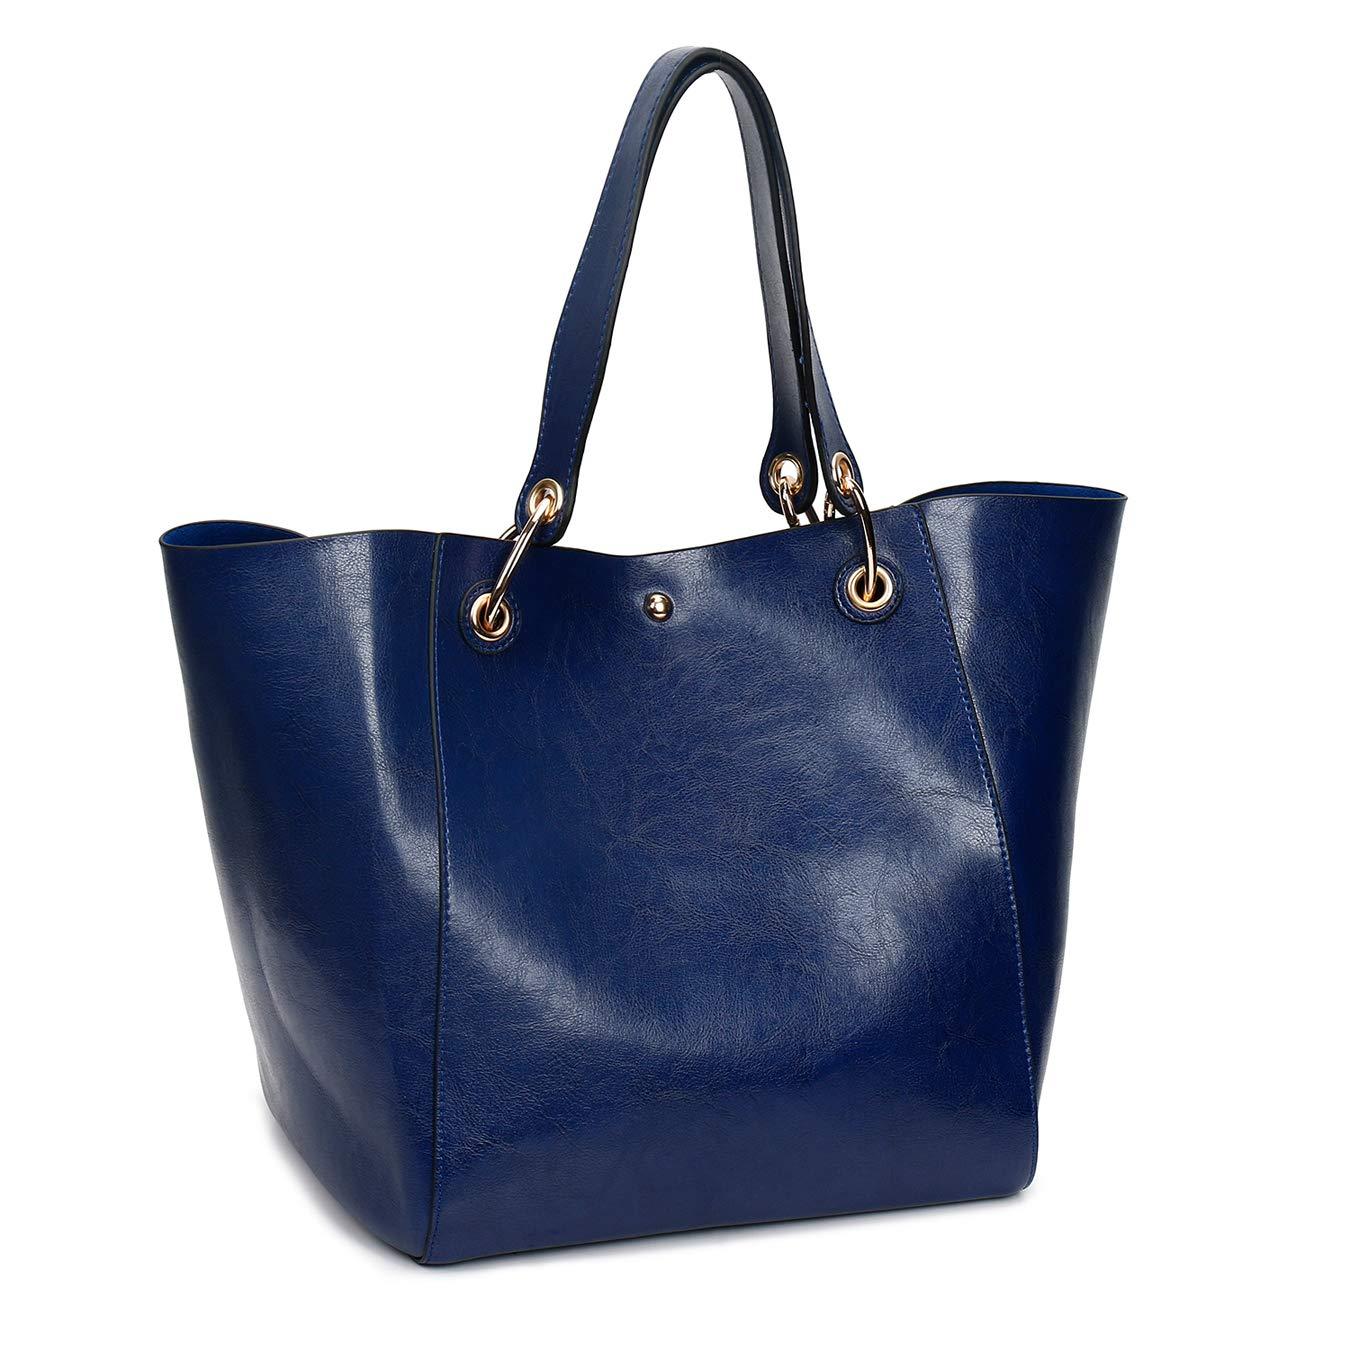 0b2a361a8c Amazon.com  Handbag Sets for Women Large Purse Tote Satchel Top Handle Shoulder  Bags 4pcs (Blue)  Shoes